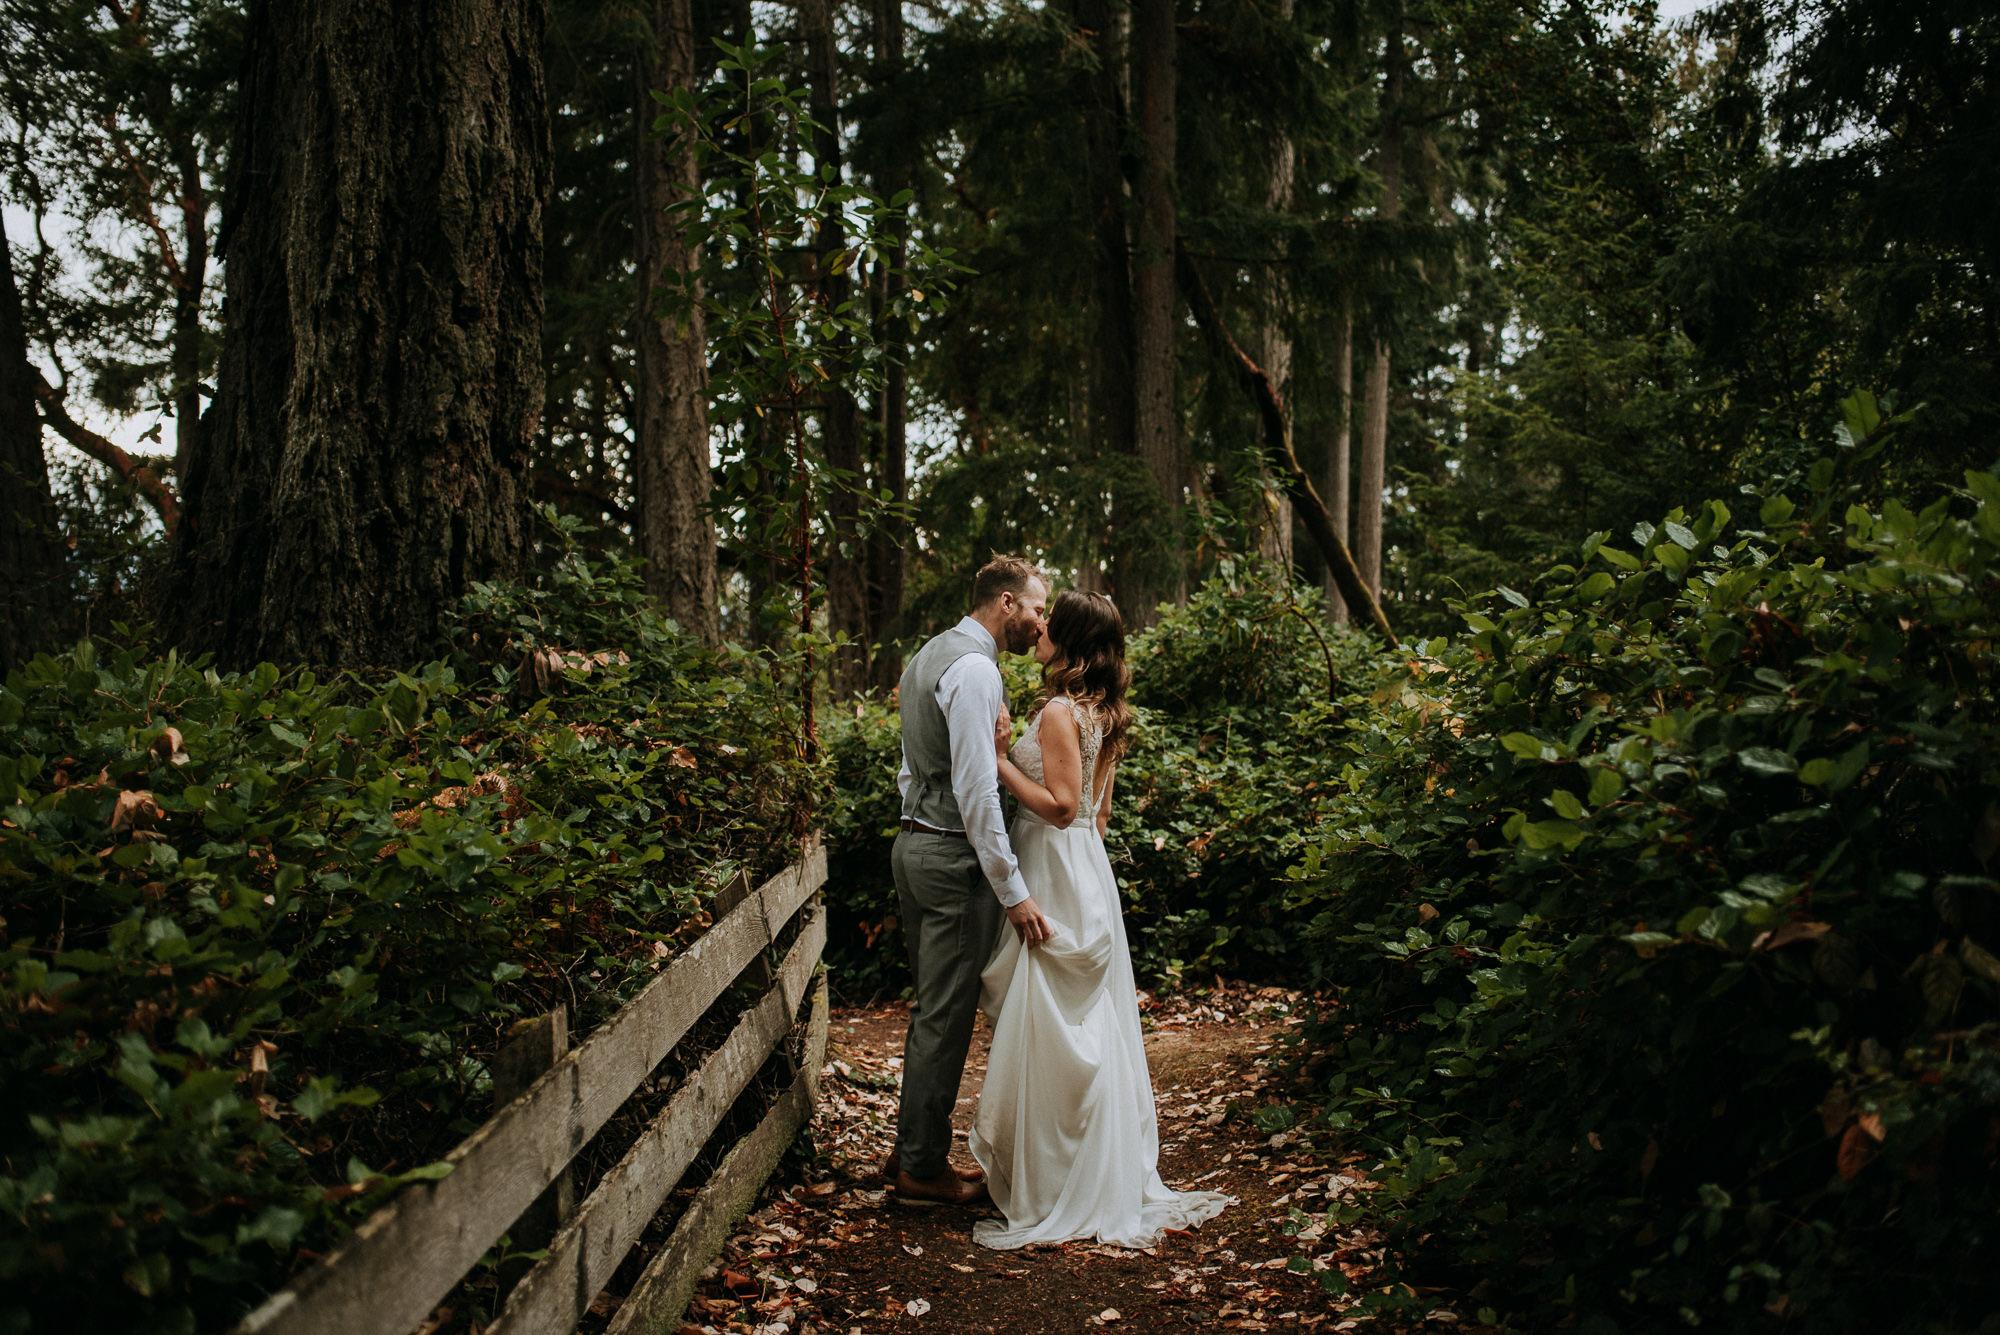 144-overbury-resort-thetis-island-wedding-jan-ian-7525.jpg